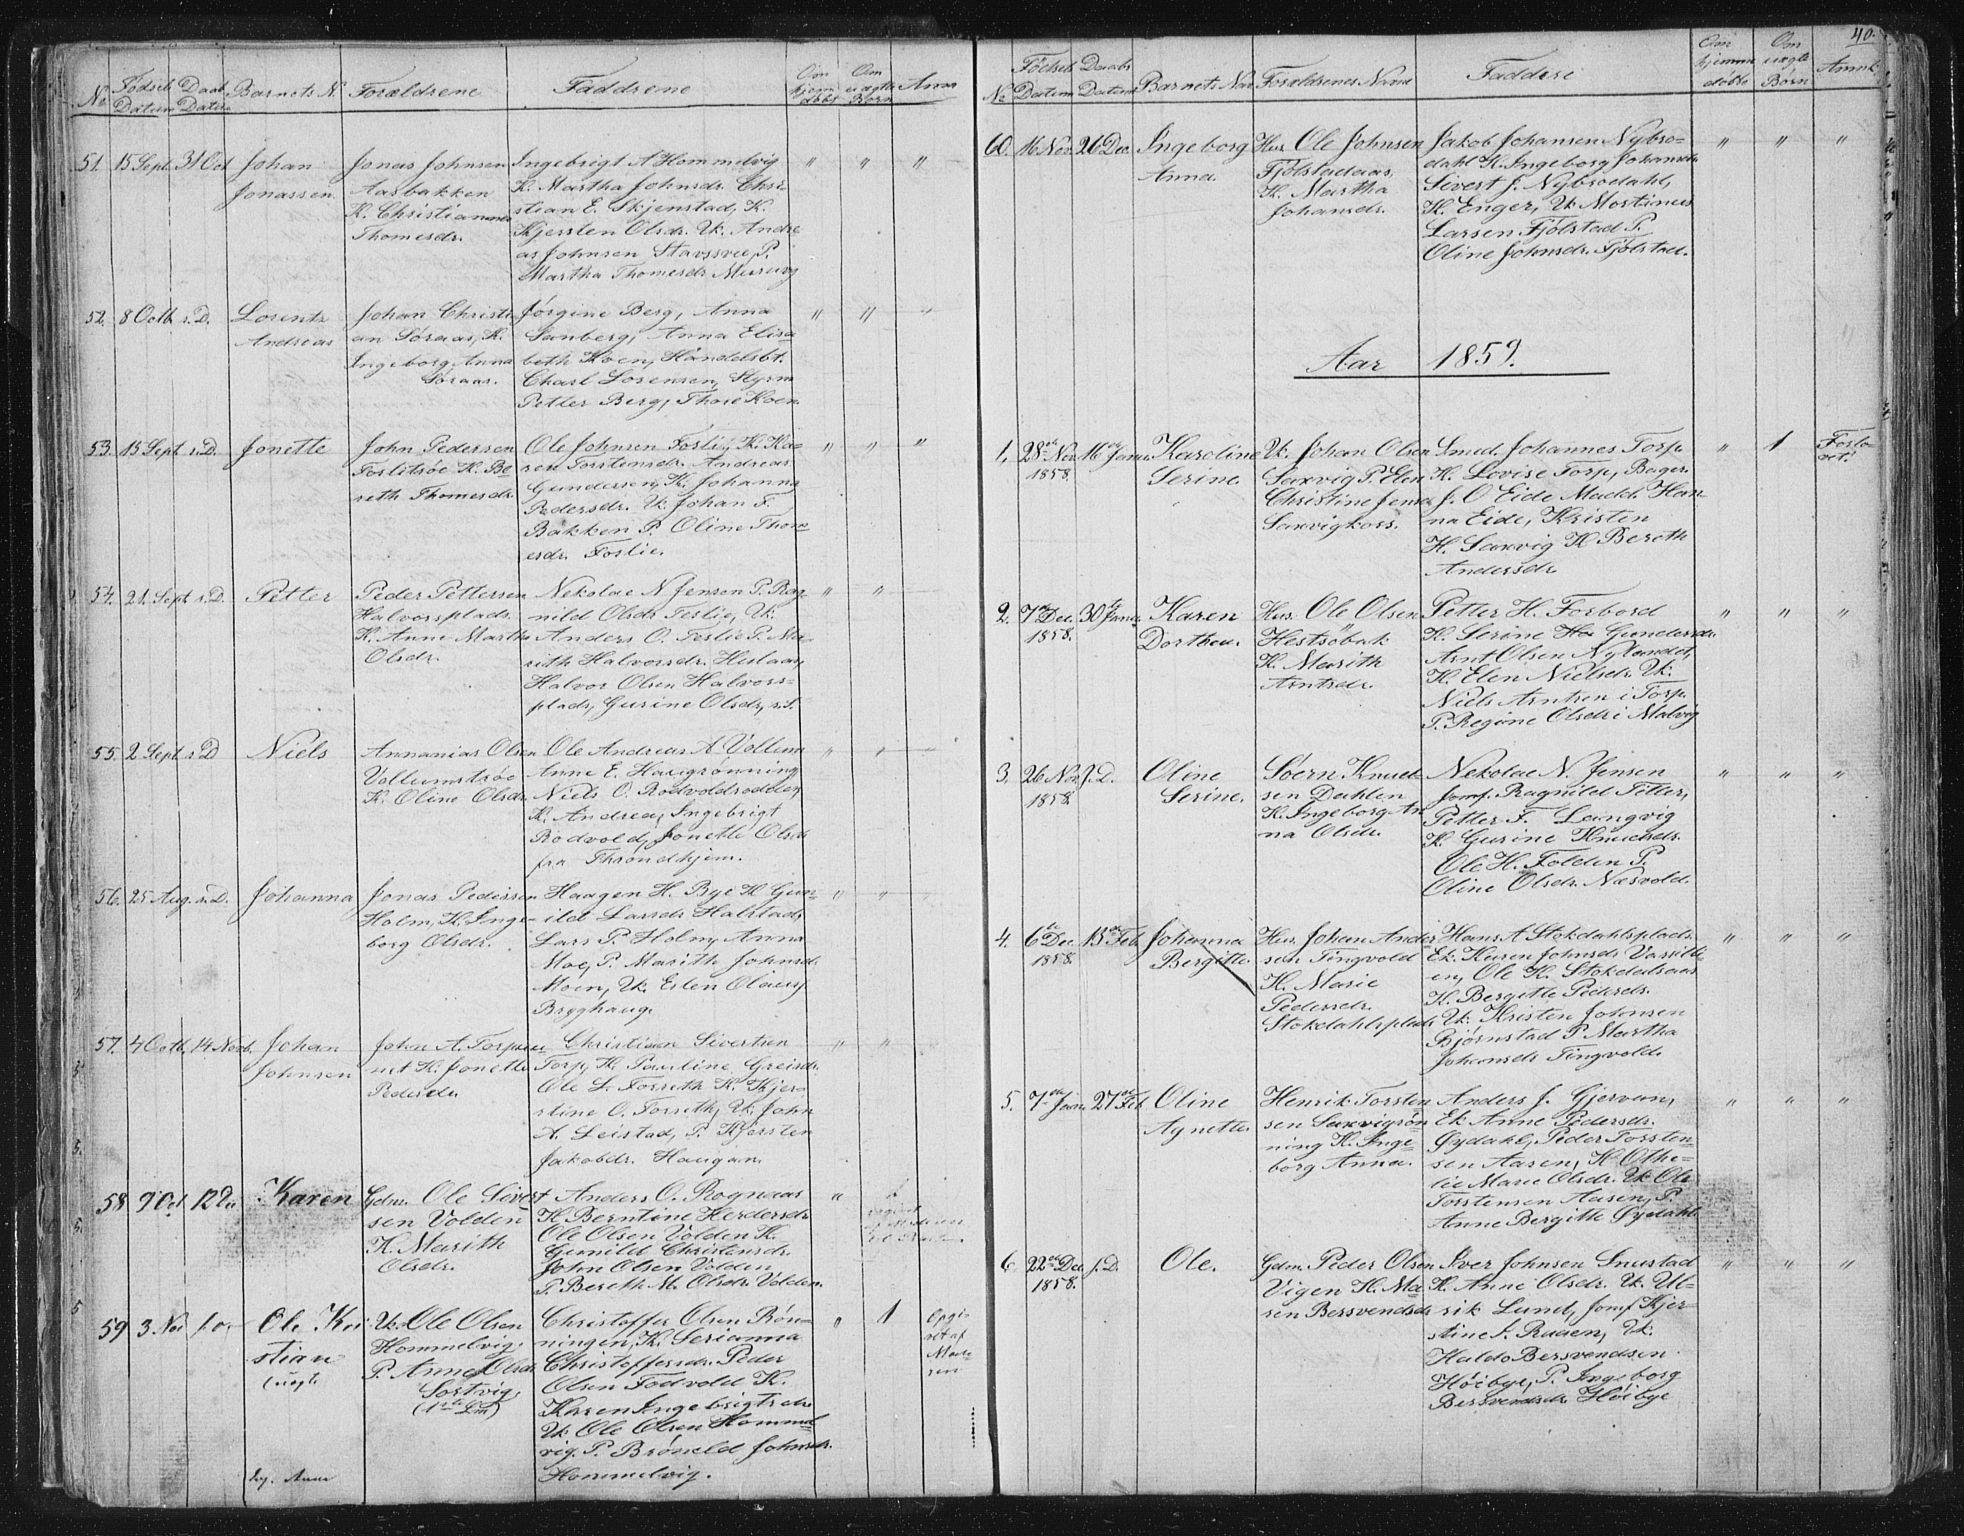 SAT, Ministerialprotokoller, klokkerbøker og fødselsregistre - Sør-Trøndelag, 616/L0406: Ministerialbok nr. 616A03, 1843-1879, s. 40